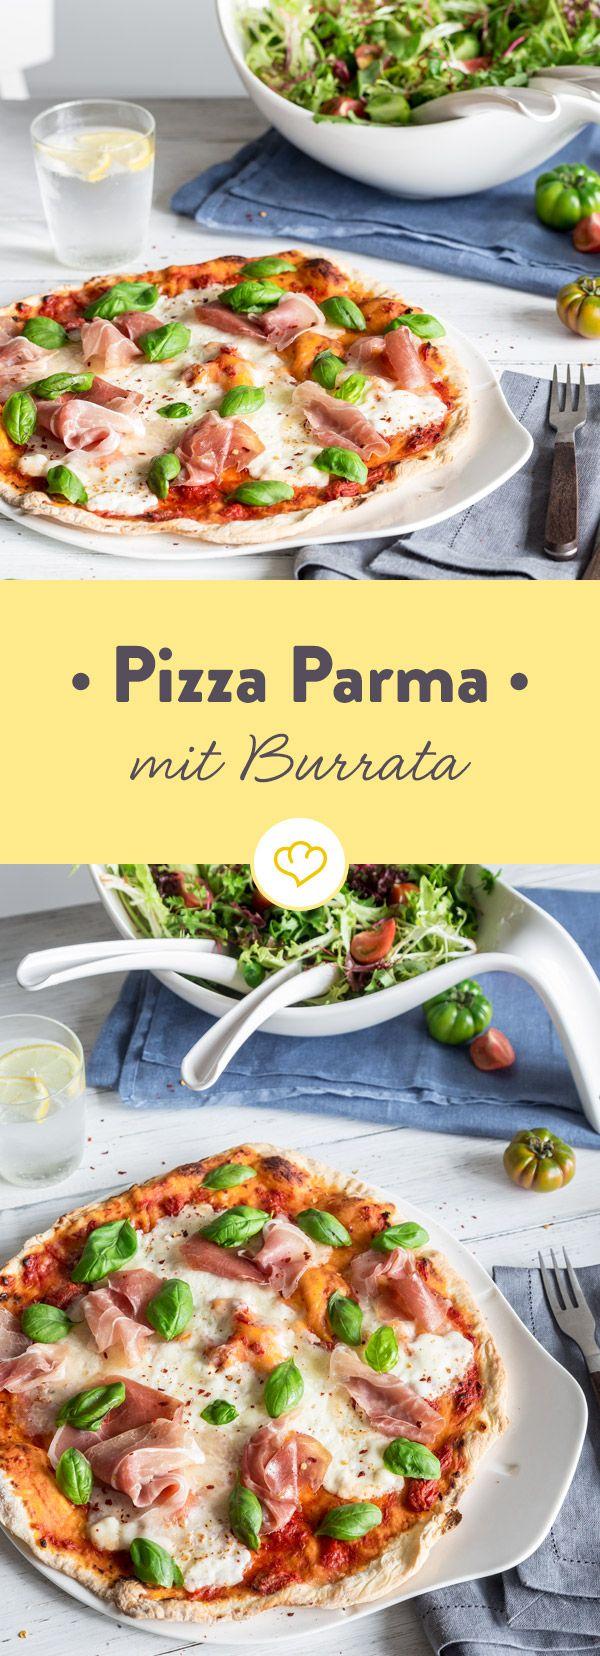 Tomatensauce und besonders cremiger Burrata sind die Basis für die beste Pizza des Abends. Mit Parmaschinken und Basilikum - unangefochtenes Gewinnerteam.